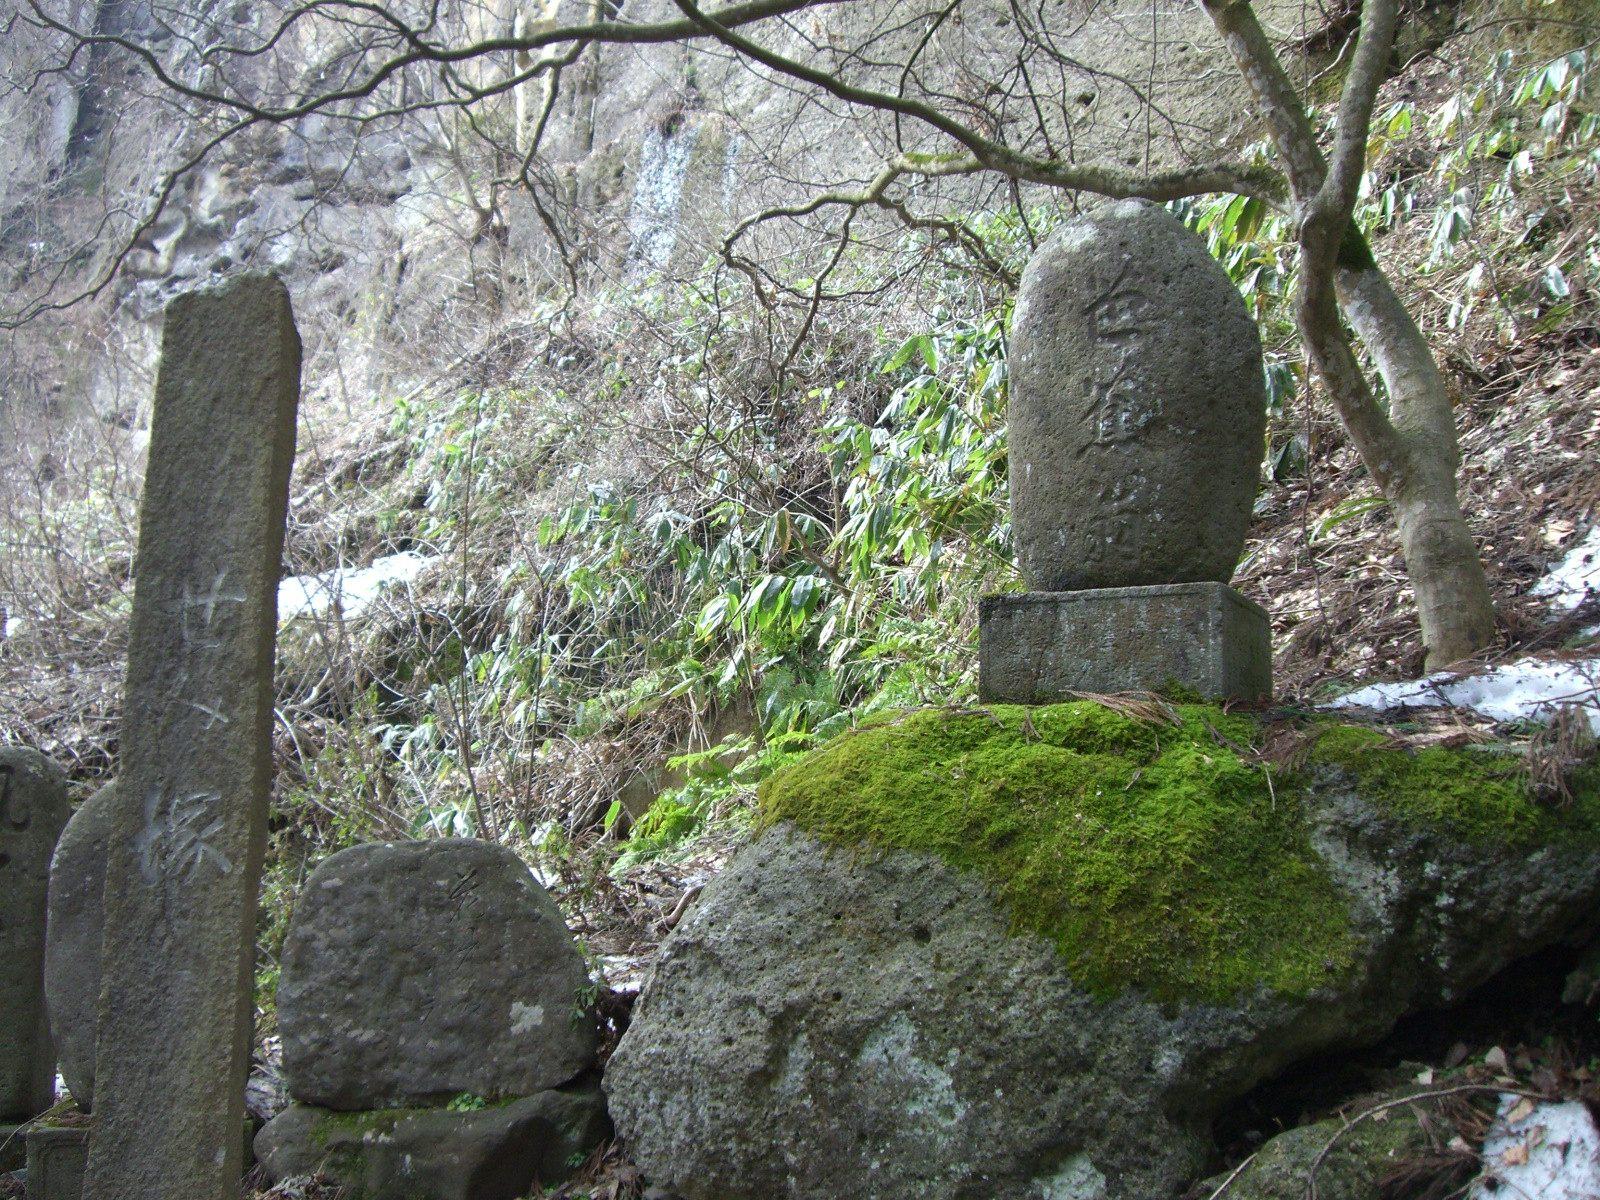 蝉冢上方刻着松尾芭蕉于山寺(立石寺)歌咏的俳句